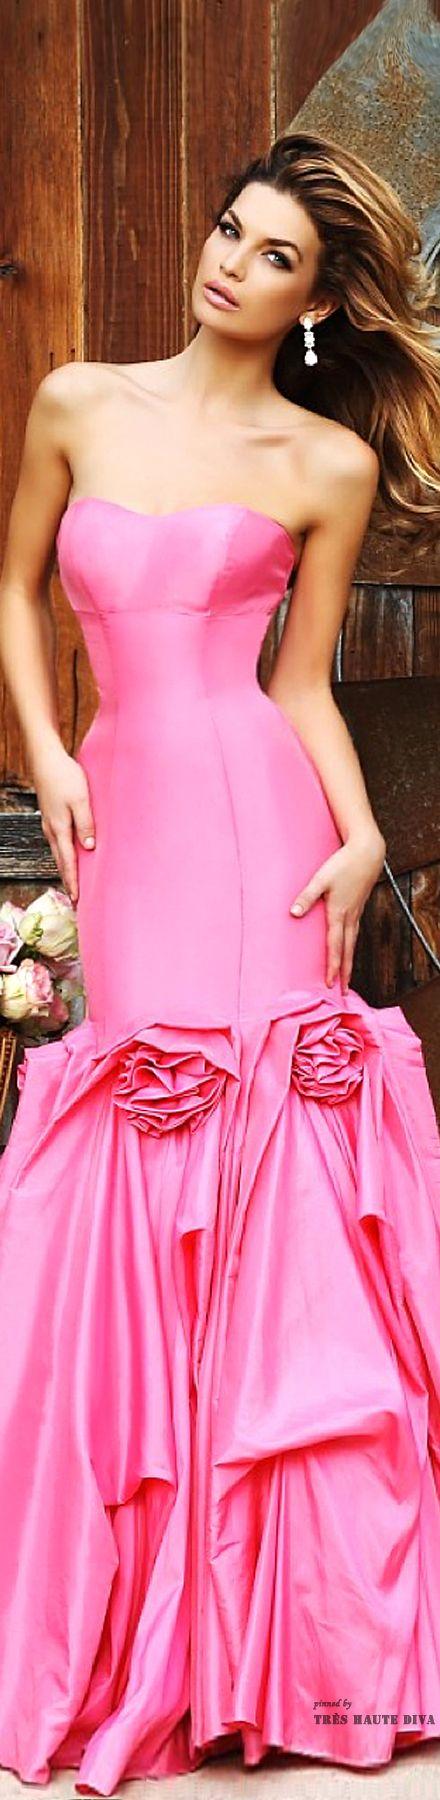 Charmant Neon Pink Partykleid Bilder - Hochzeit Kleid Stile Ideen ...